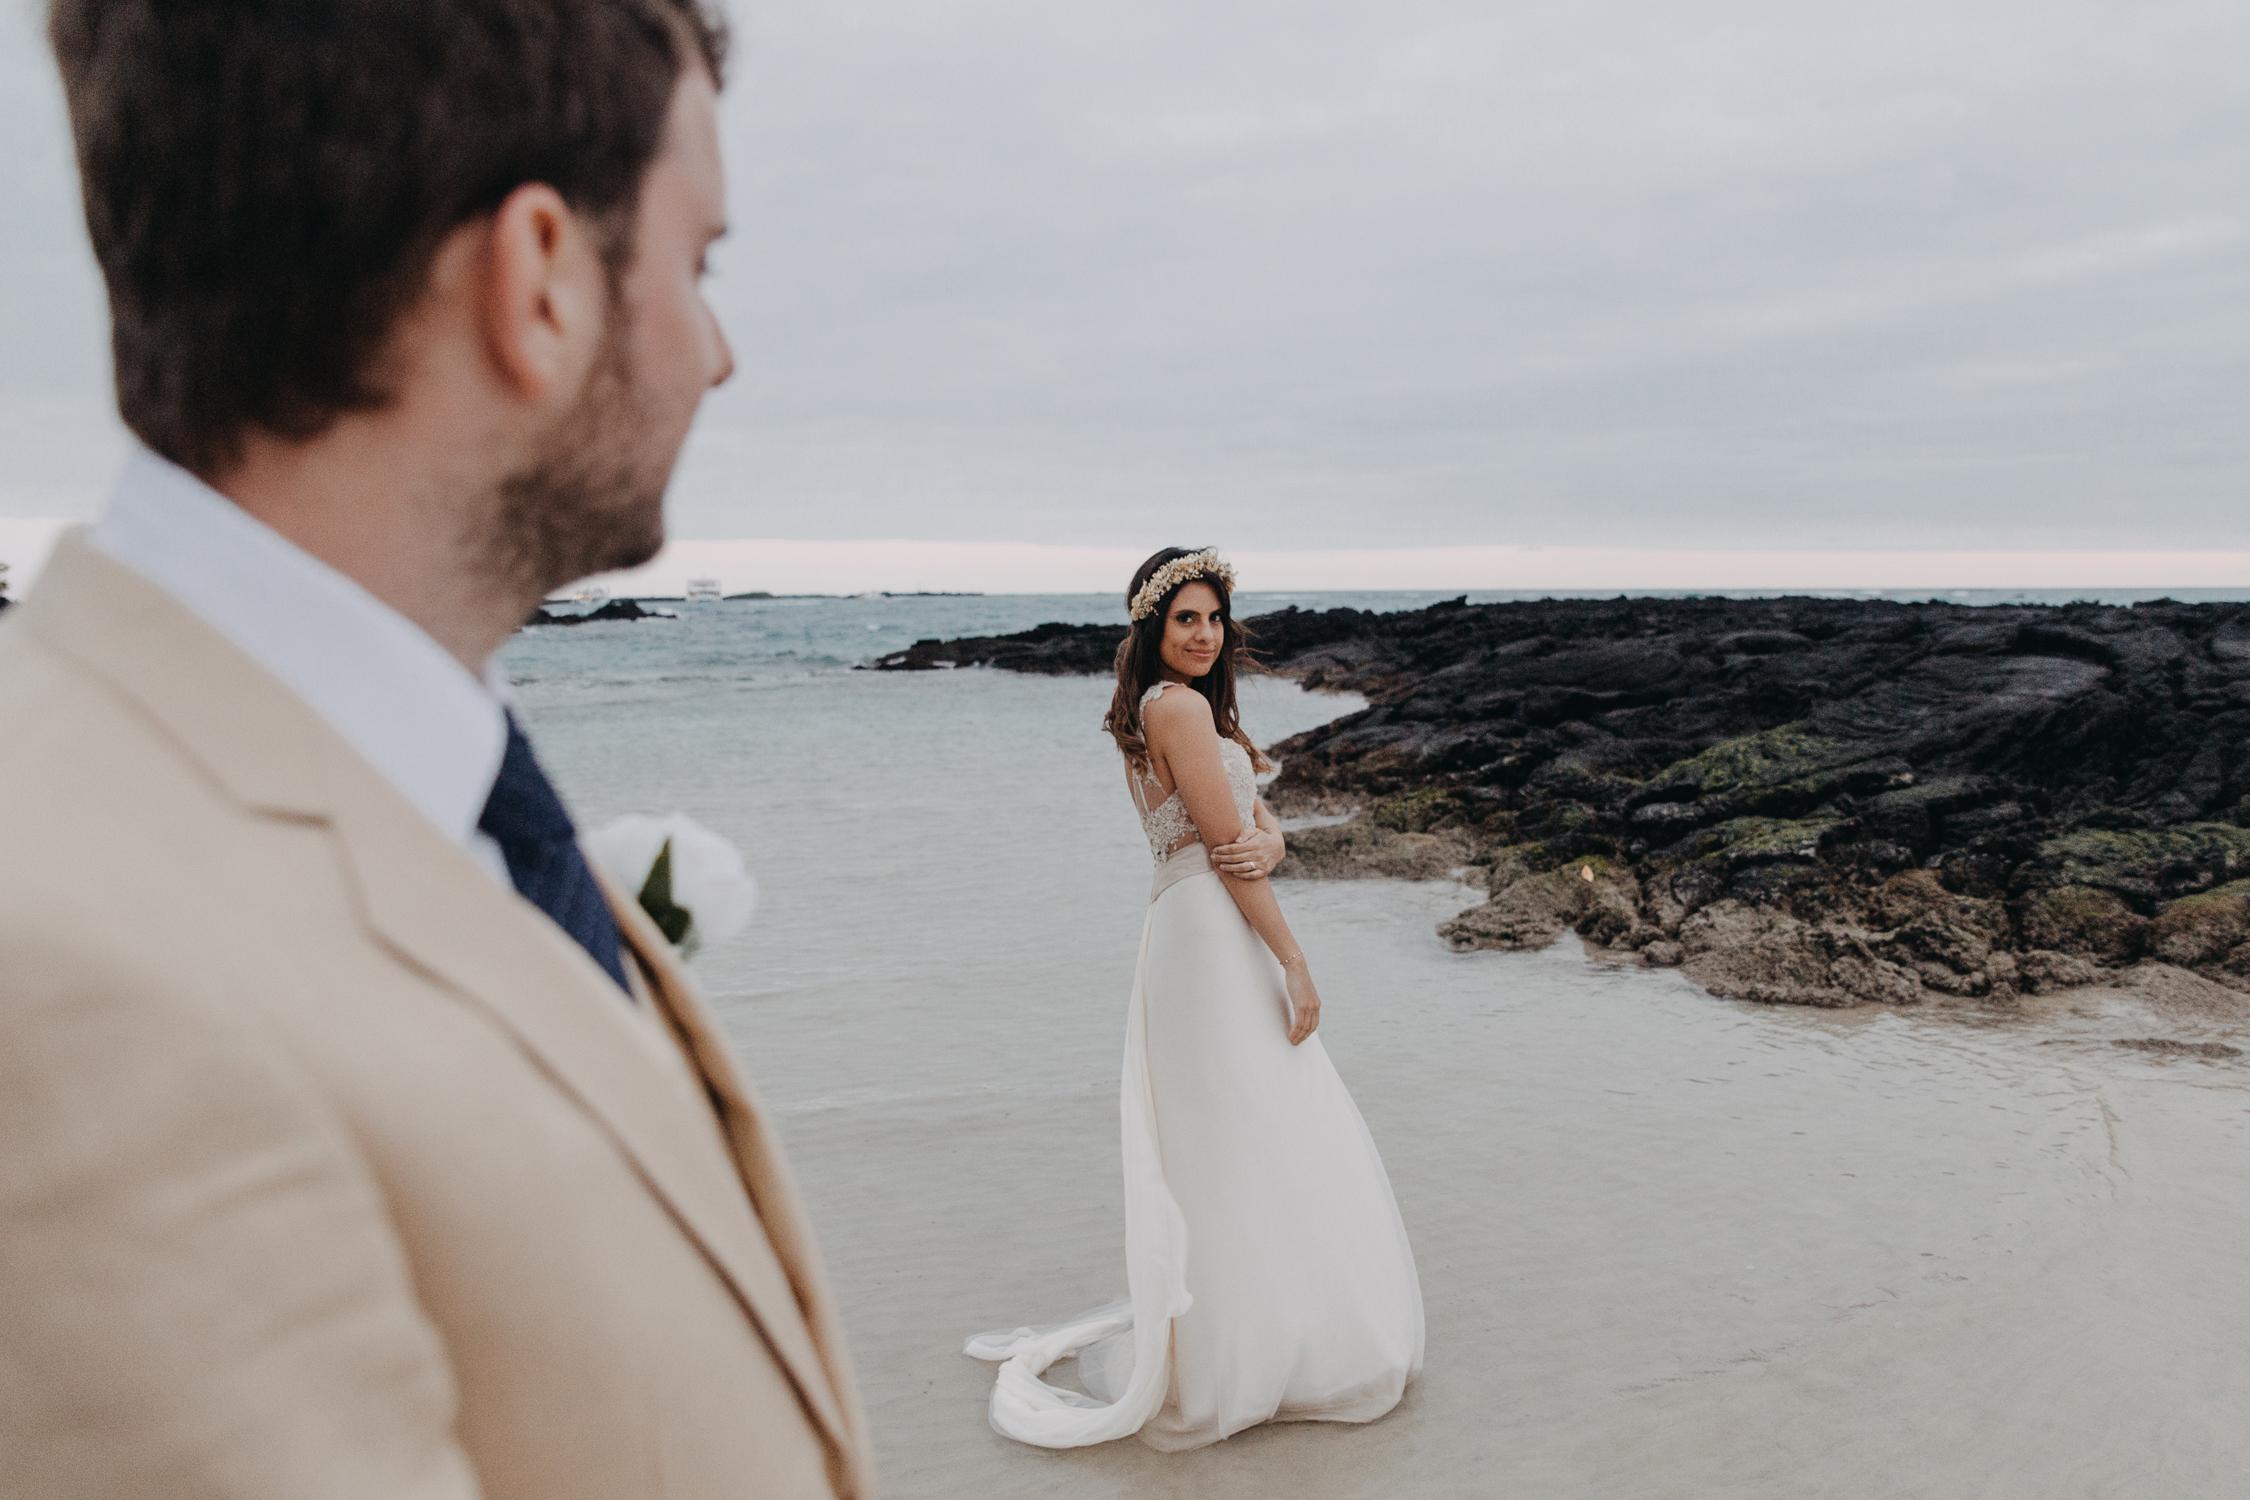 Michelle-Agurto-Fotografia-Bodas-Ecuador-Destination-Wedding-Photographer-Galapagos-Andrea-Joaquin-258.JPG